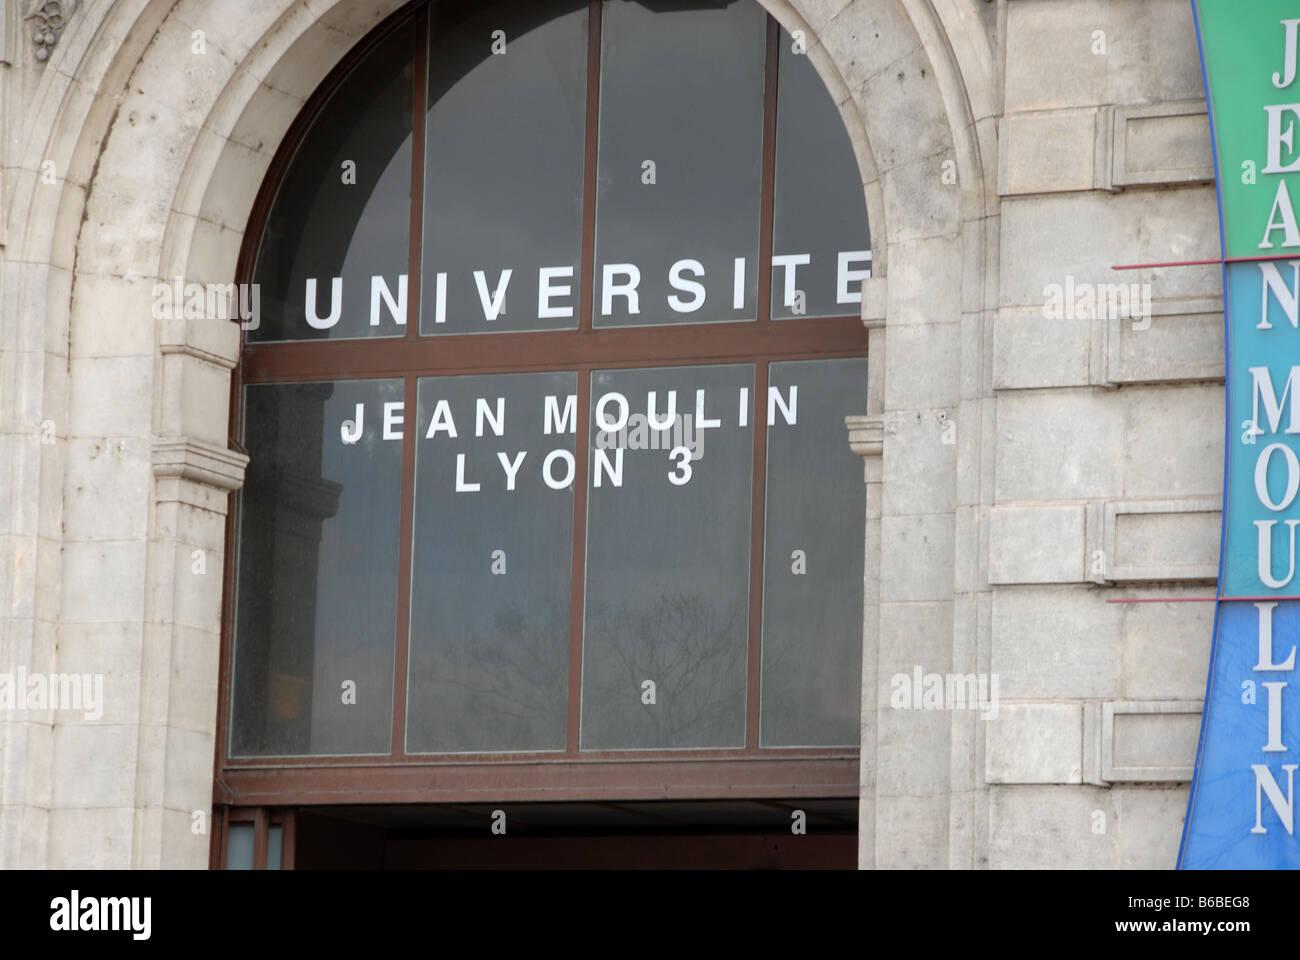 Die Universität von Jean Moulin am Cours Albert Thomas in Lyon, Frankreich. Stockbild